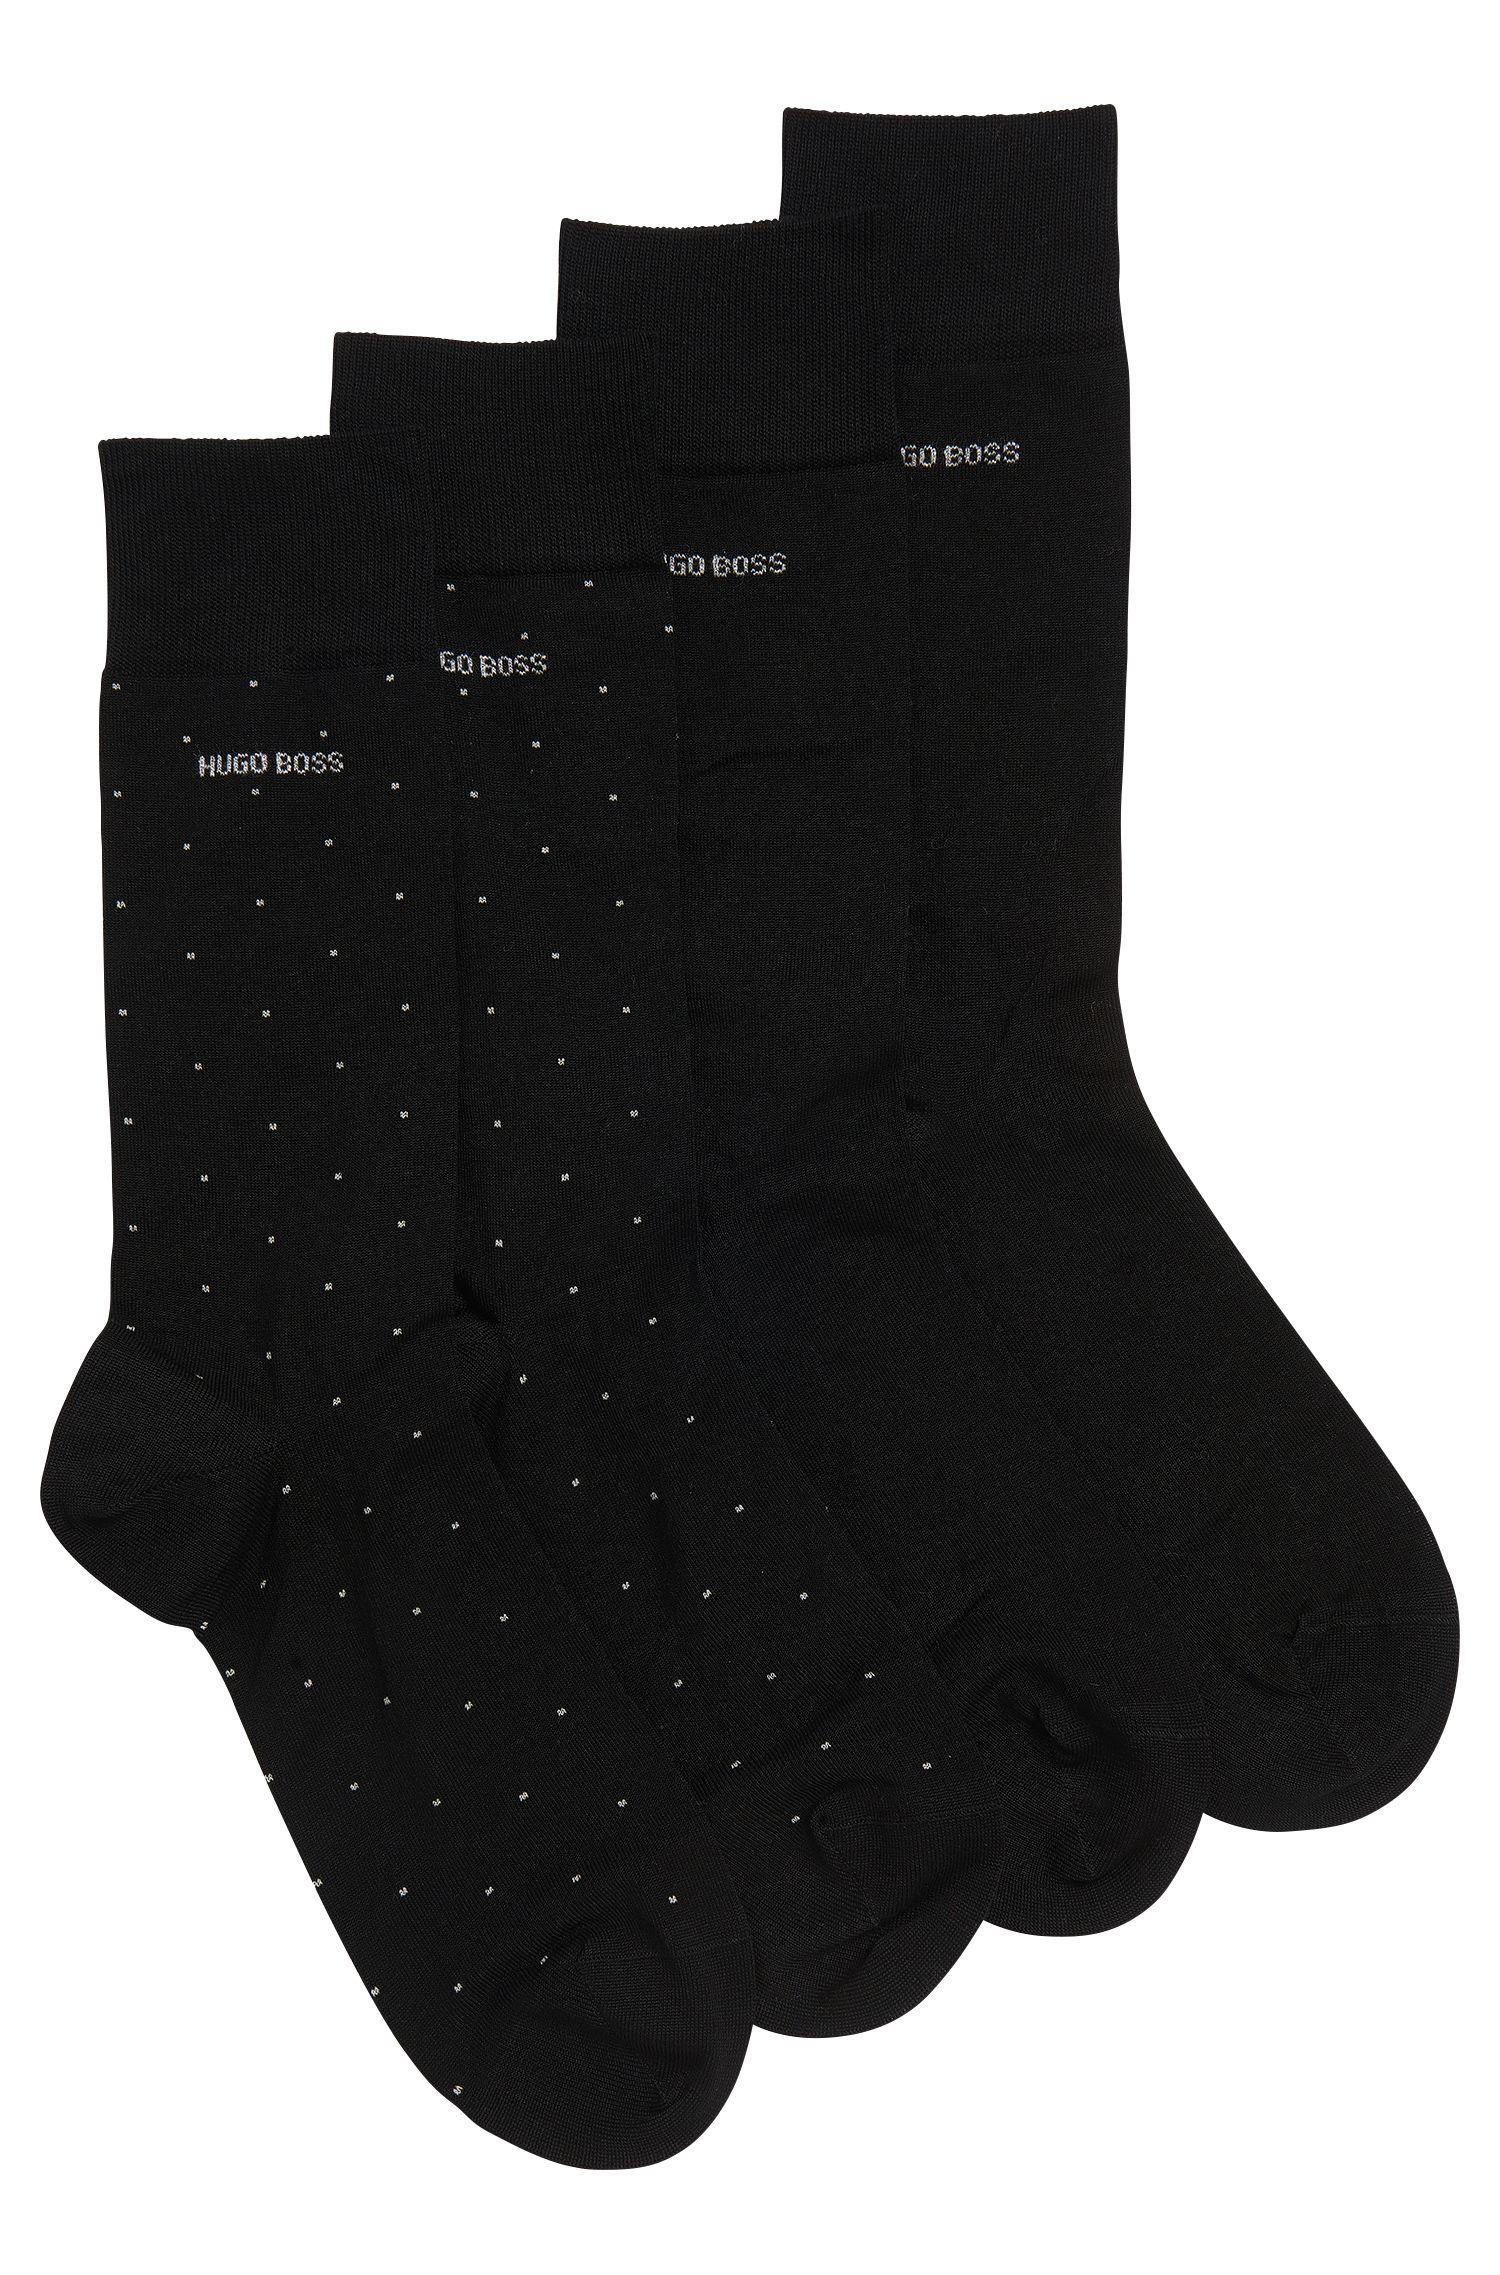 Zweier-Pack mittelhohe Socken aus elastischem Baumwoll-Mix mit Metallic-Details im Geschenk-Set, Schwarz